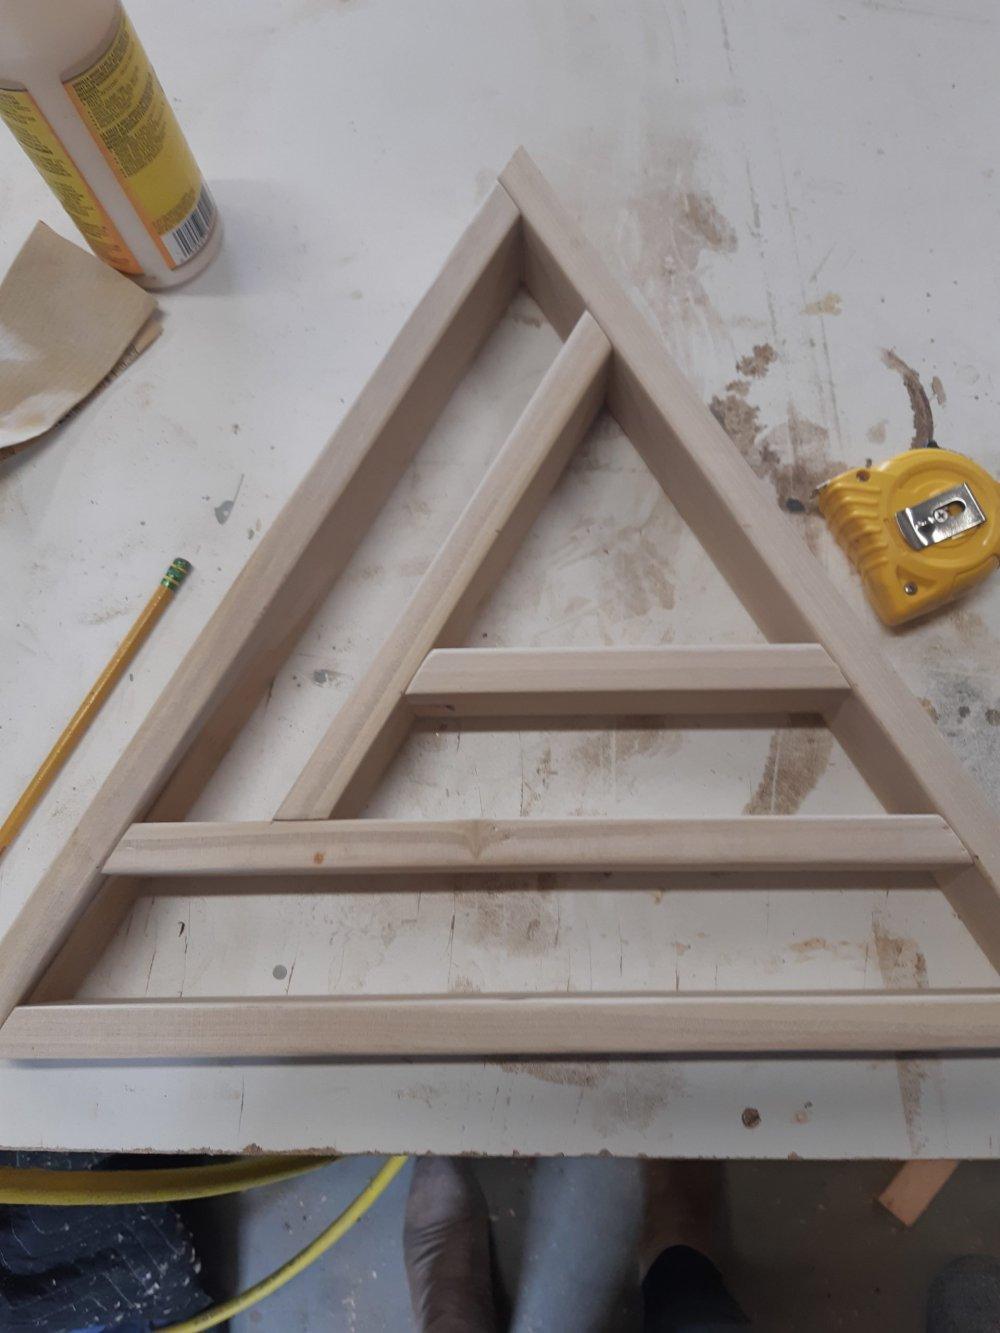 how to make a triangle display shelf